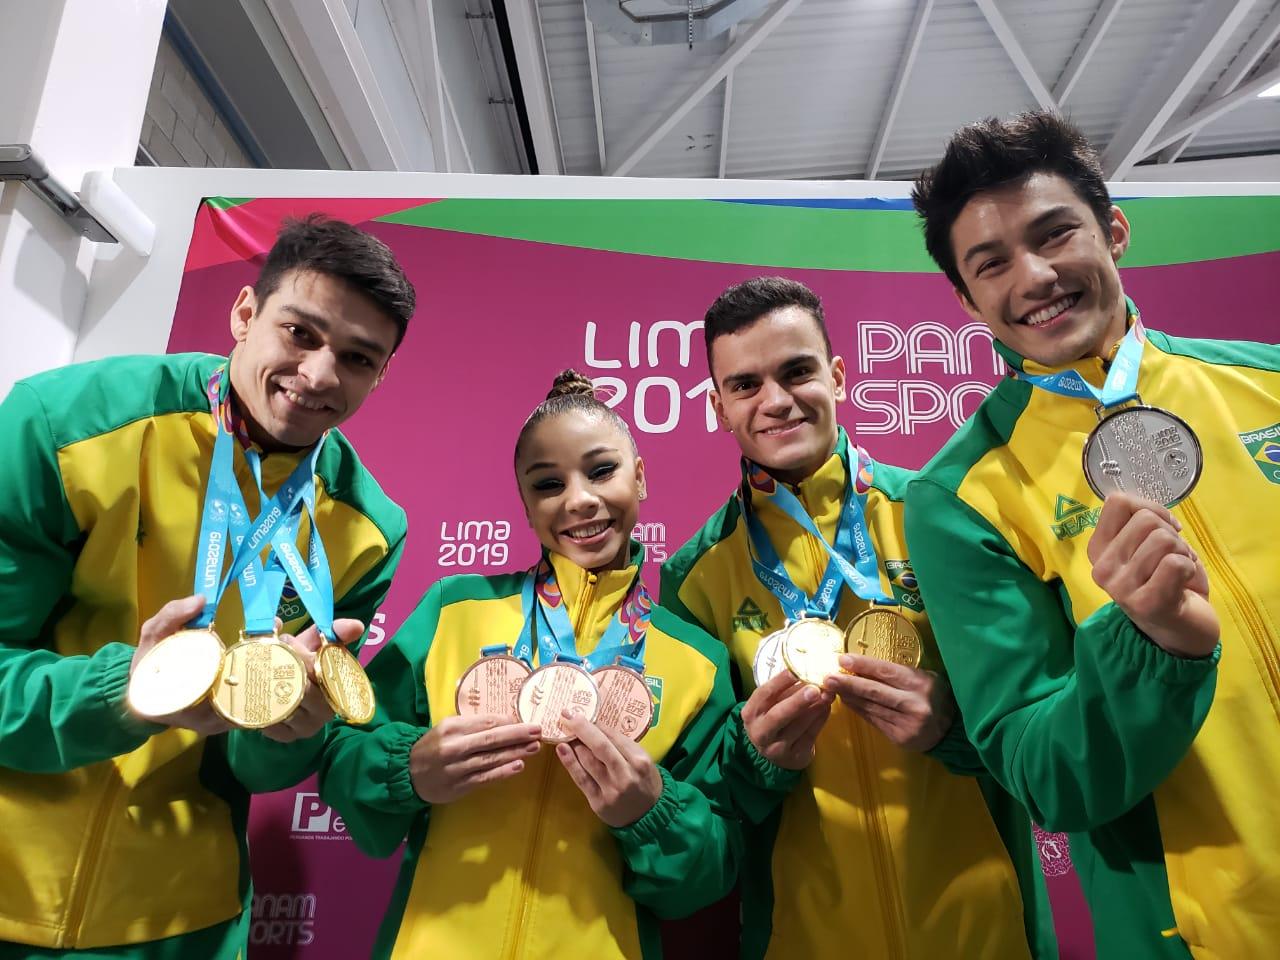 Após campanha histórica em Lima, ginástica brasileira já pensa no Mundial de Stuttgart